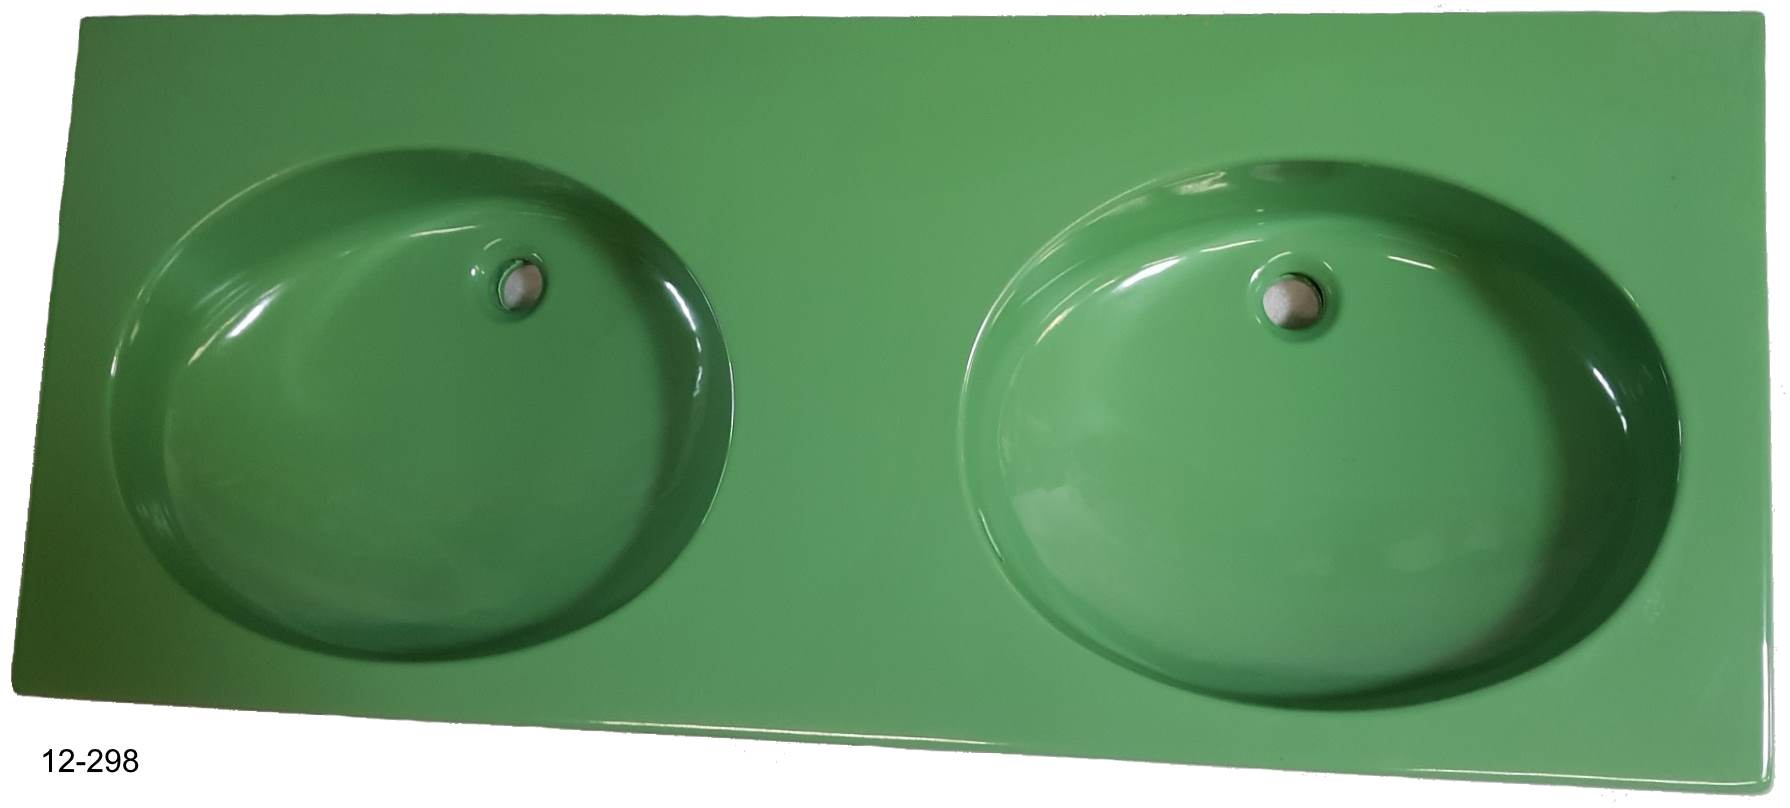 oasis Doppel-Waschtisch 130x55 cm Villeroy und Boch Carine #12-298